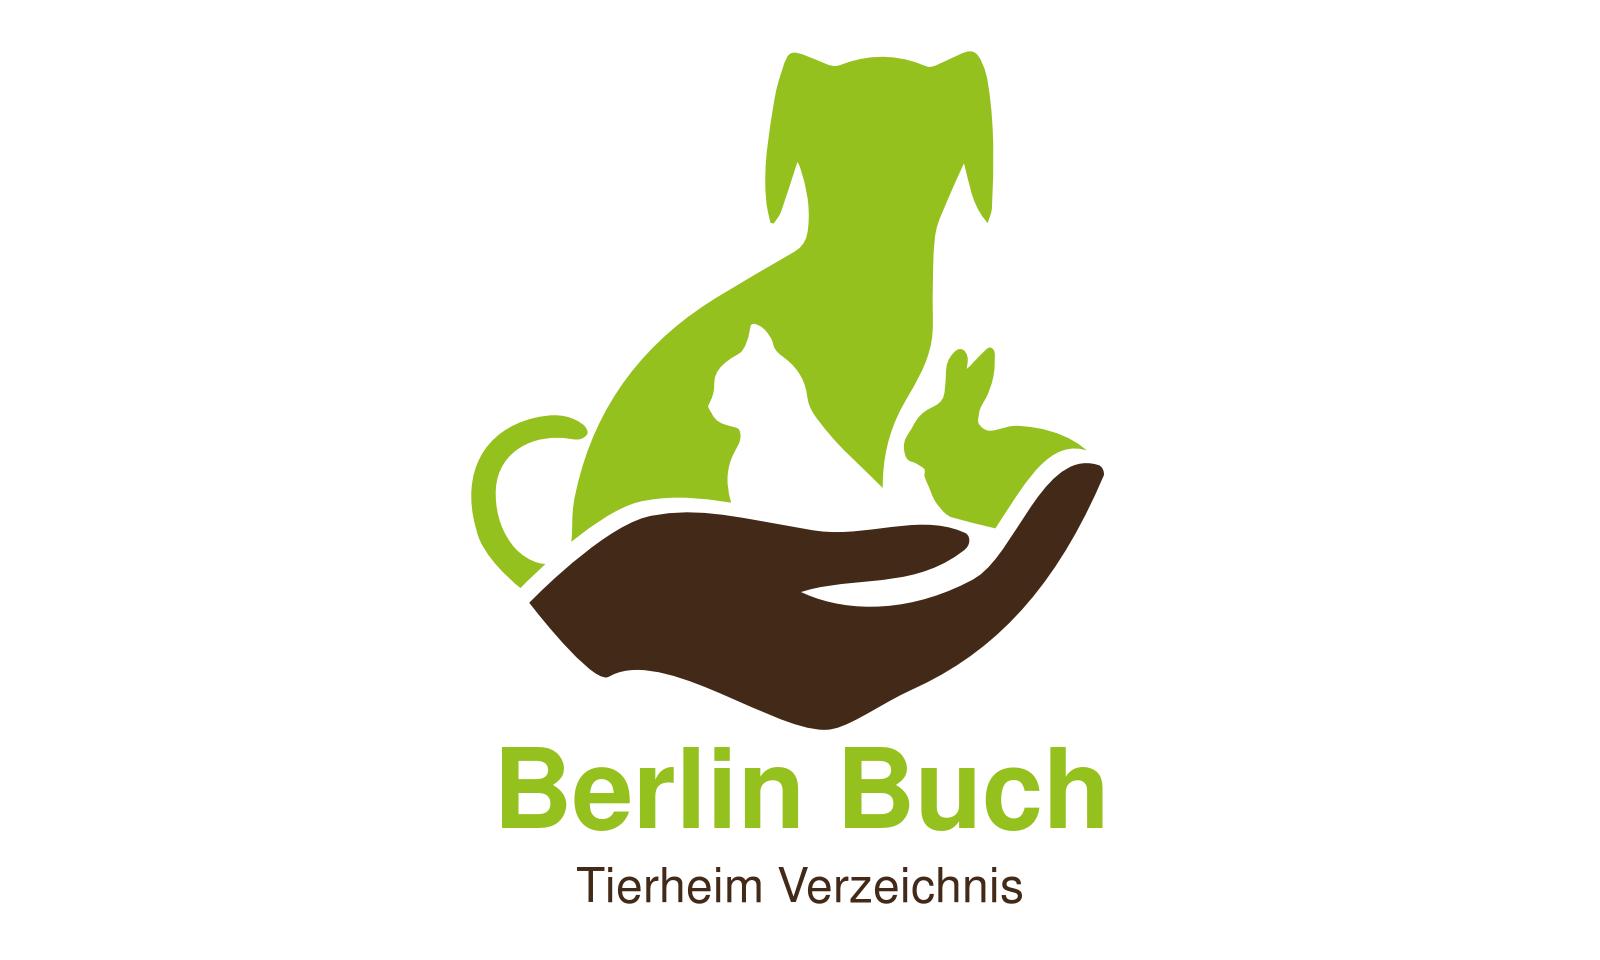 Tierheim Berlin Buch